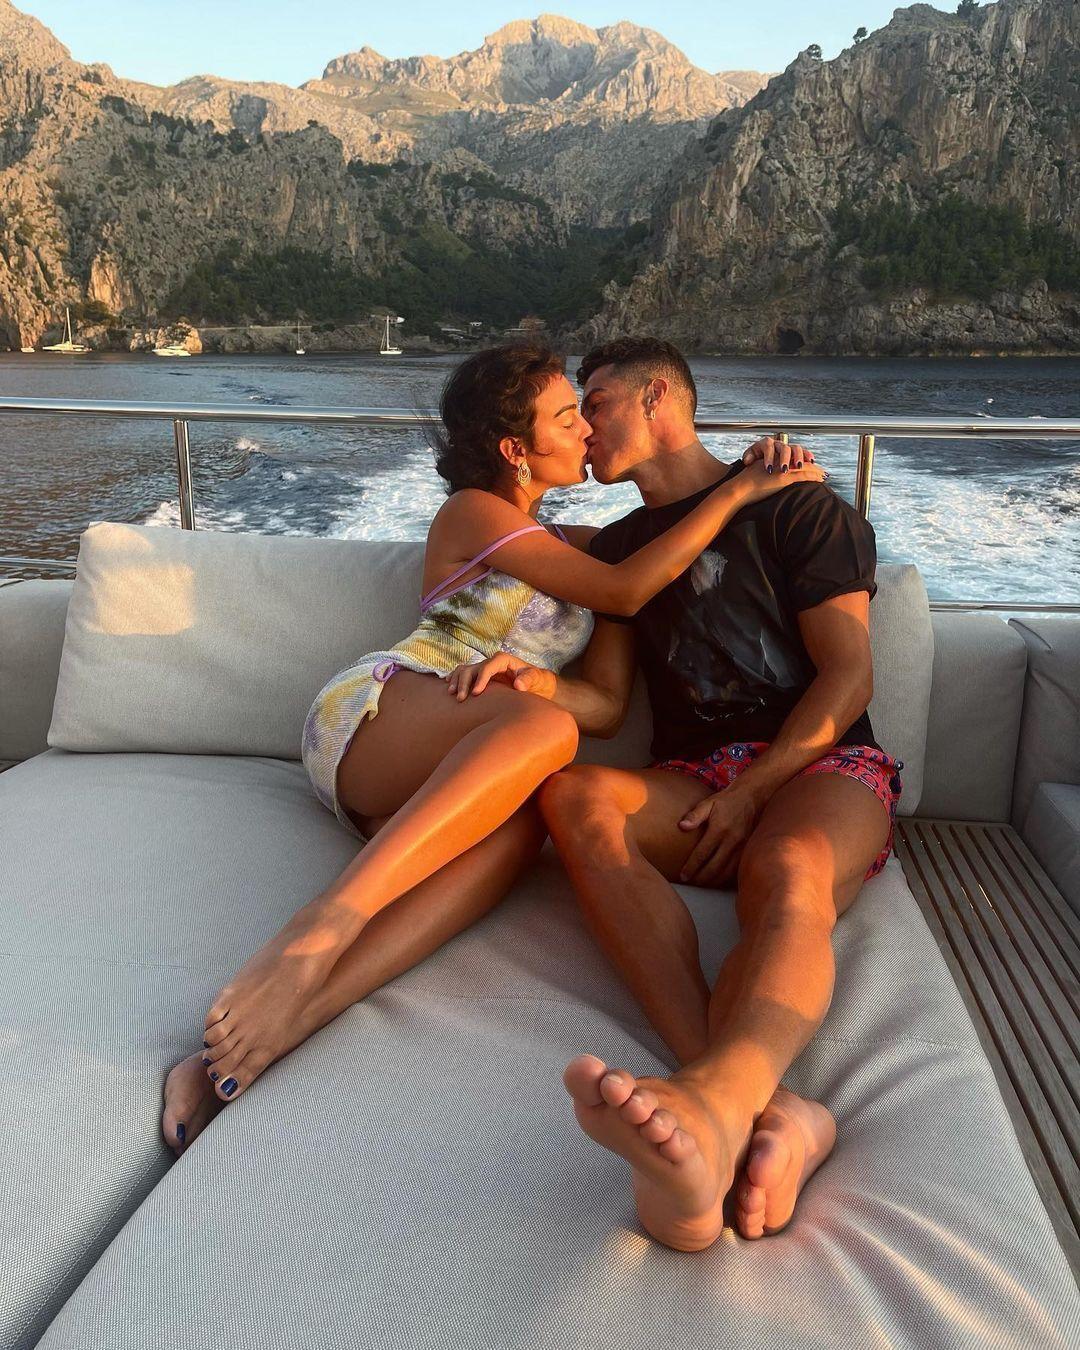 Джорджина Родригес и Криштиану Роналду на яхте.